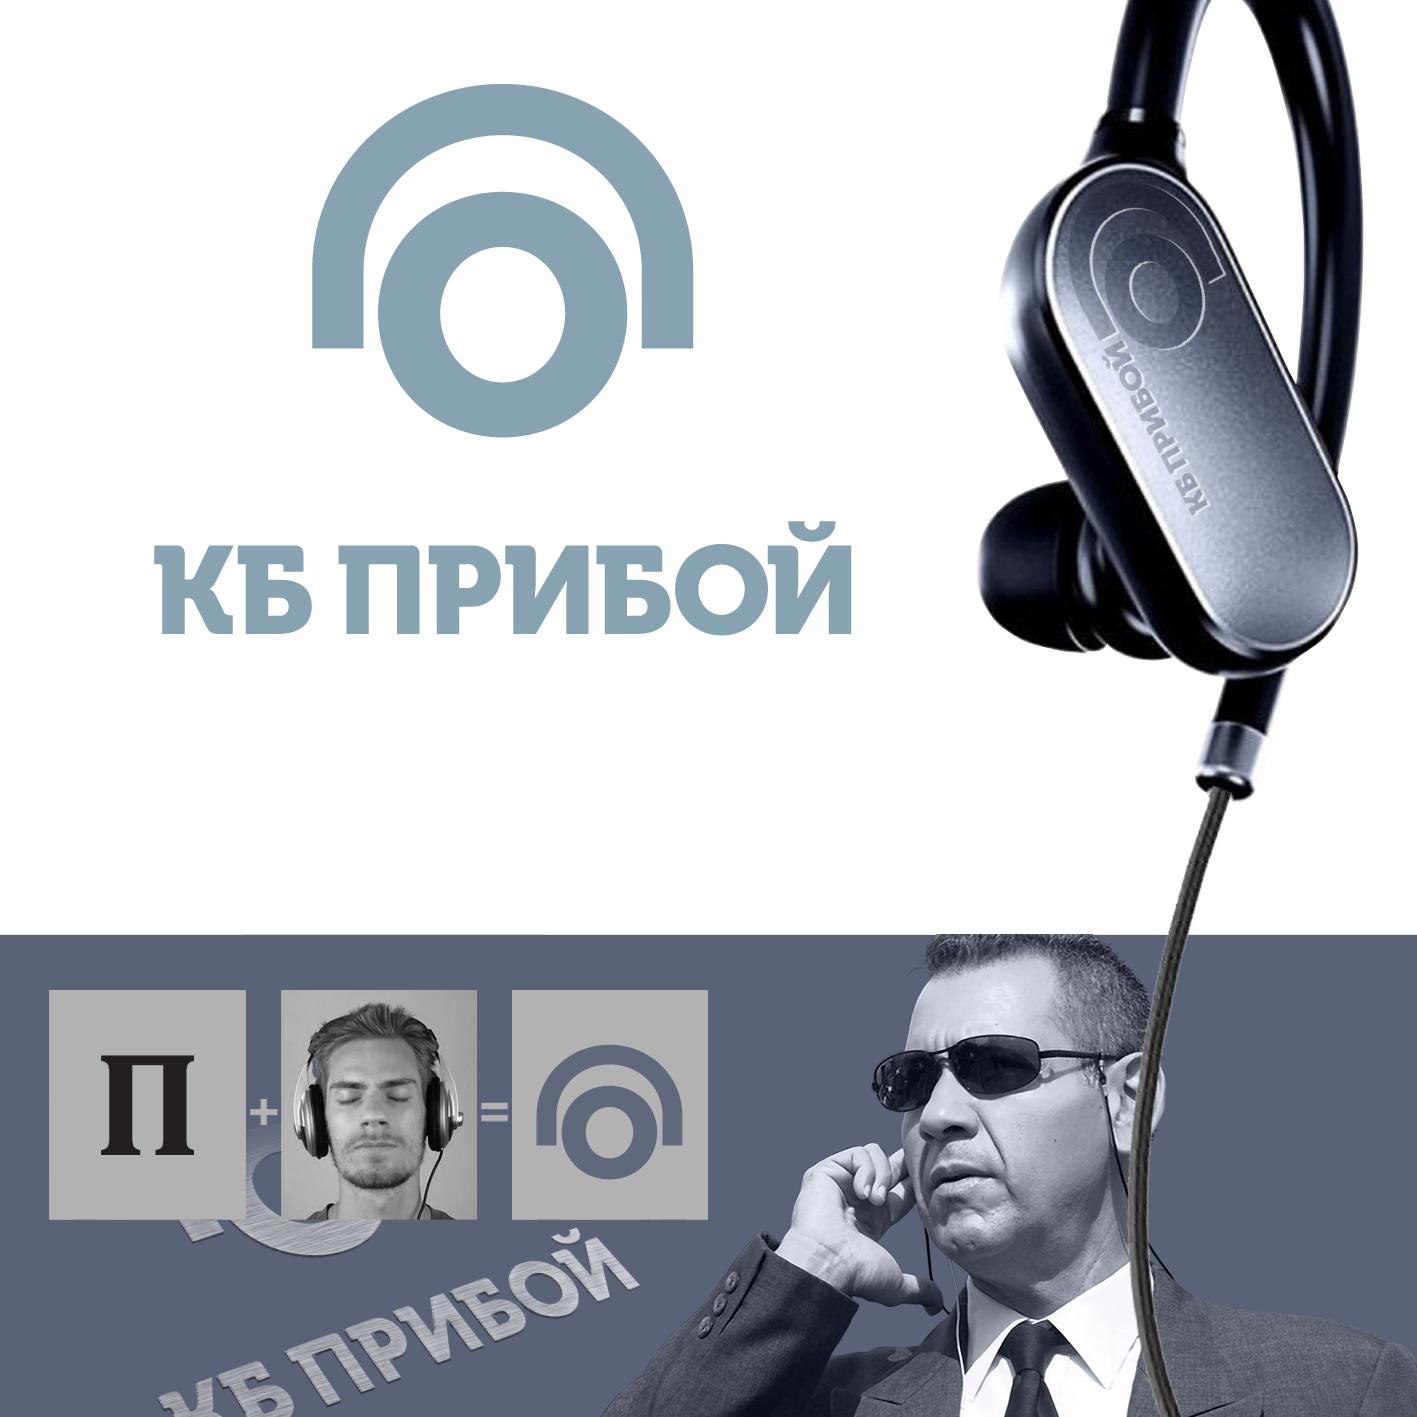 Разработка логотипа и фирменного стиля для КБ Прибой фото f_1145b2185aa291e4.png